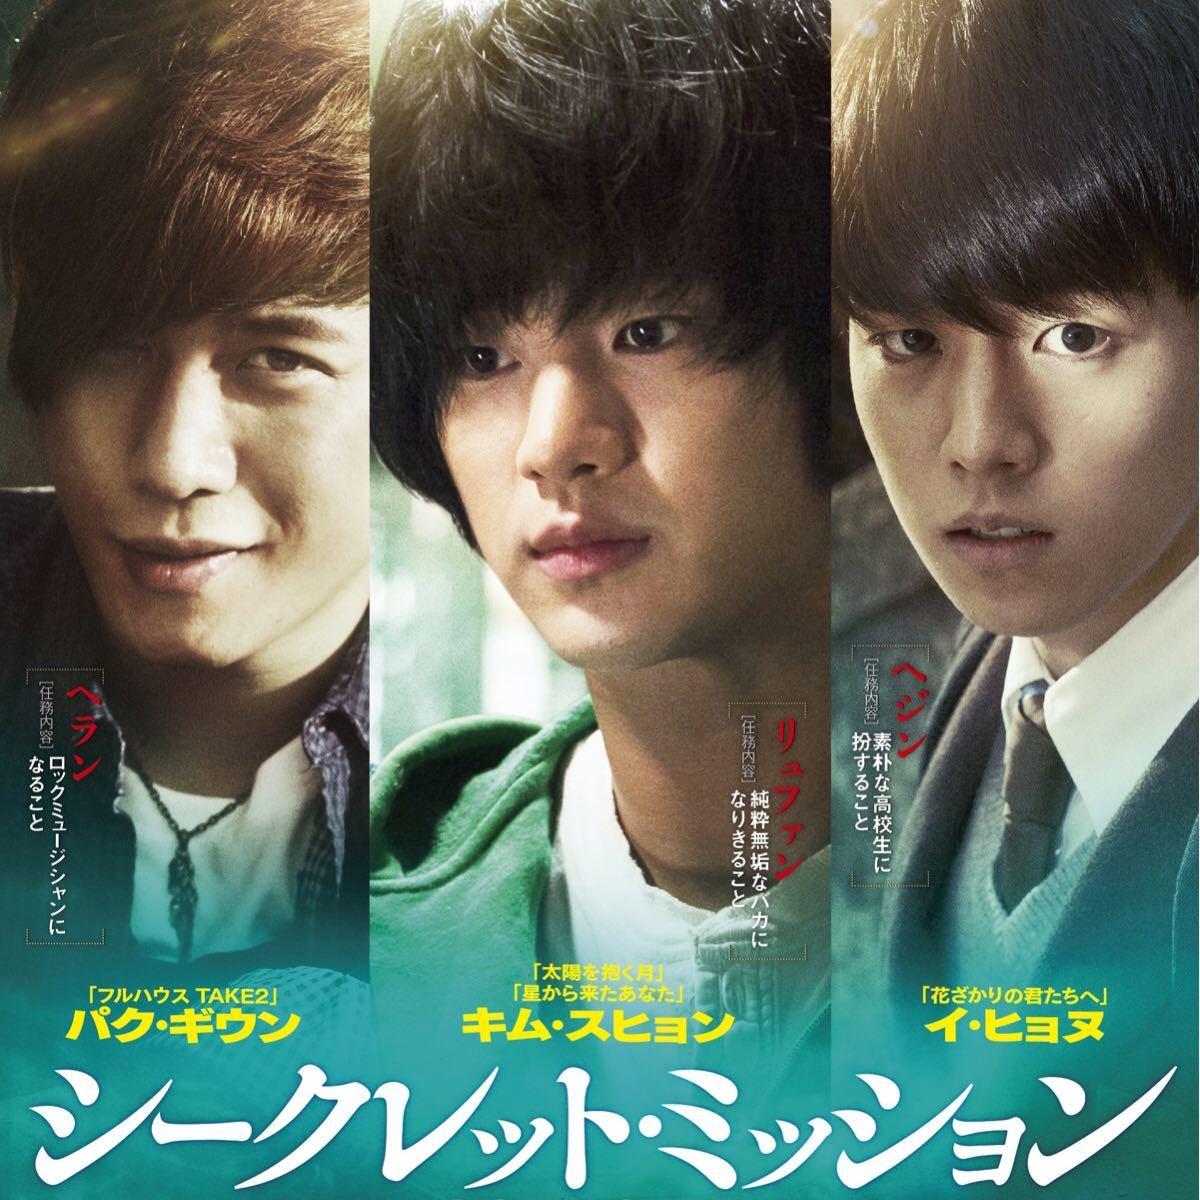 韓国映画  シークレットミッション  キム・スヒョン  DVD  日本語吹替有り  レーベル有り